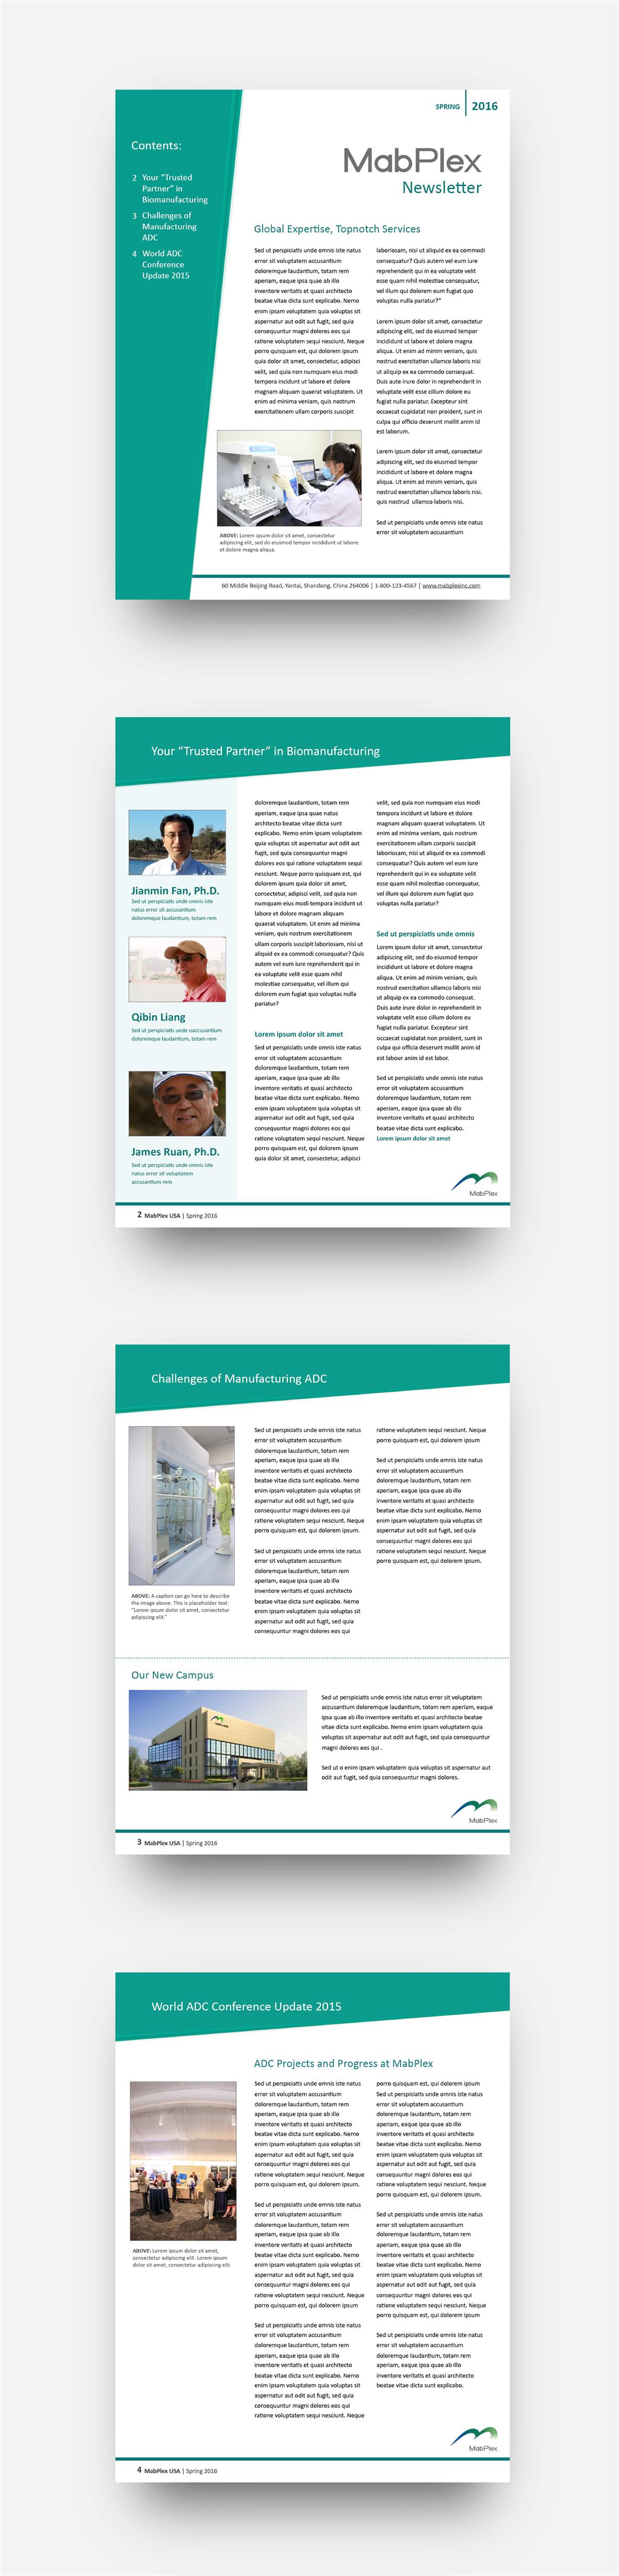 mabplex usa quarterly newsletter template